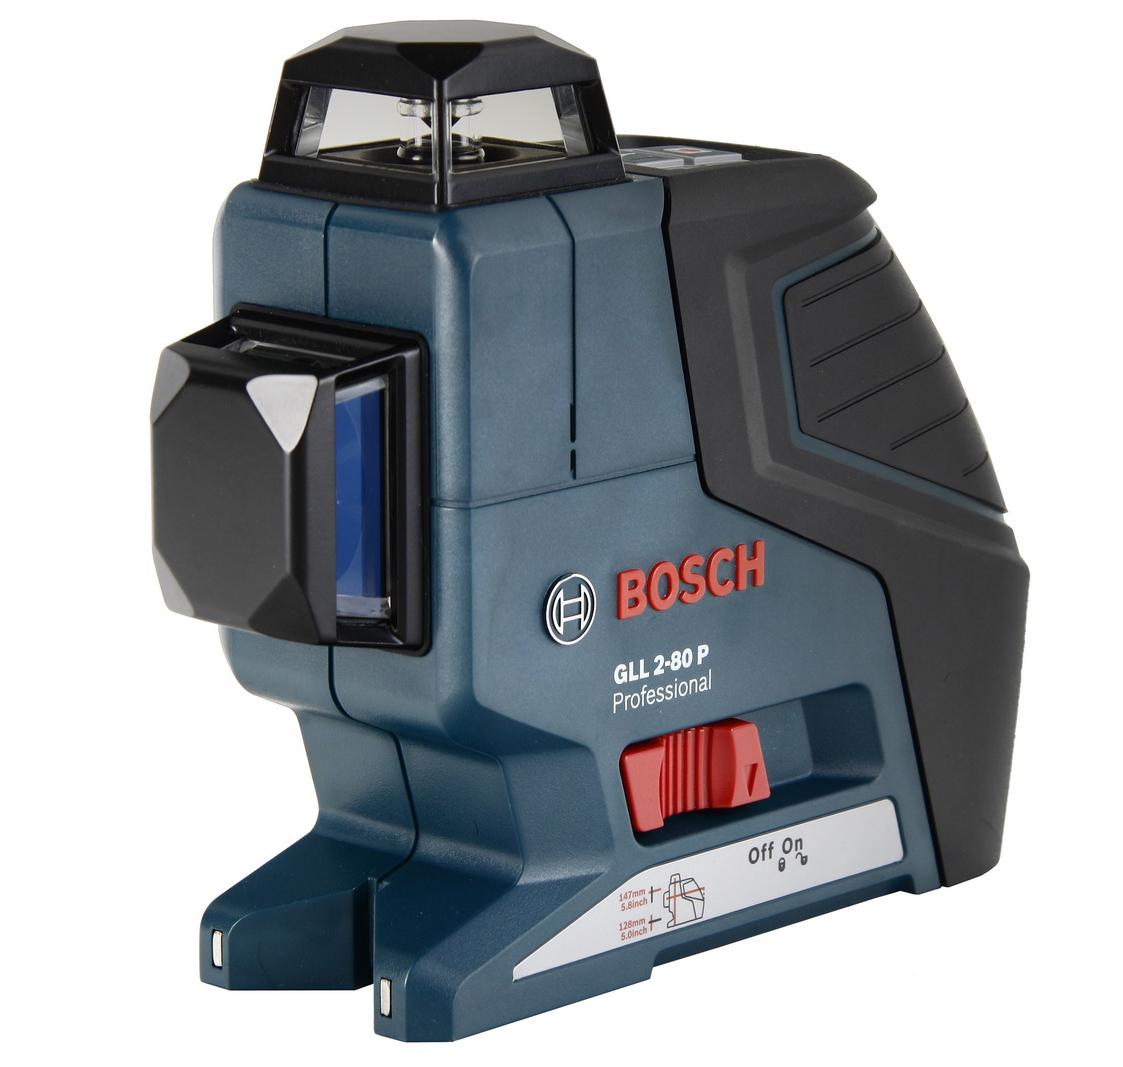 Уровень BoschУровни лазерные<br>Тип устройства: уровень,<br>Дальность: 20 (80),<br>Погрешность нивелирования: 0.2,<br>Проецирование лучей: линейное,<br>Количество лучей: 2,<br>Выравнивание: автоматическое,<br>Угол самовыравнивания: ± 4,<br>Класс лазера: 2,<br>Длина волны: 635,<br>Источники питания: AA,<br>Продолжительность работы: 18,<br>Резьба под штатив: 1/4  , 5/8  ,<br>BOSCH Professional: есть,<br>Вес нетто: 0.68<br>